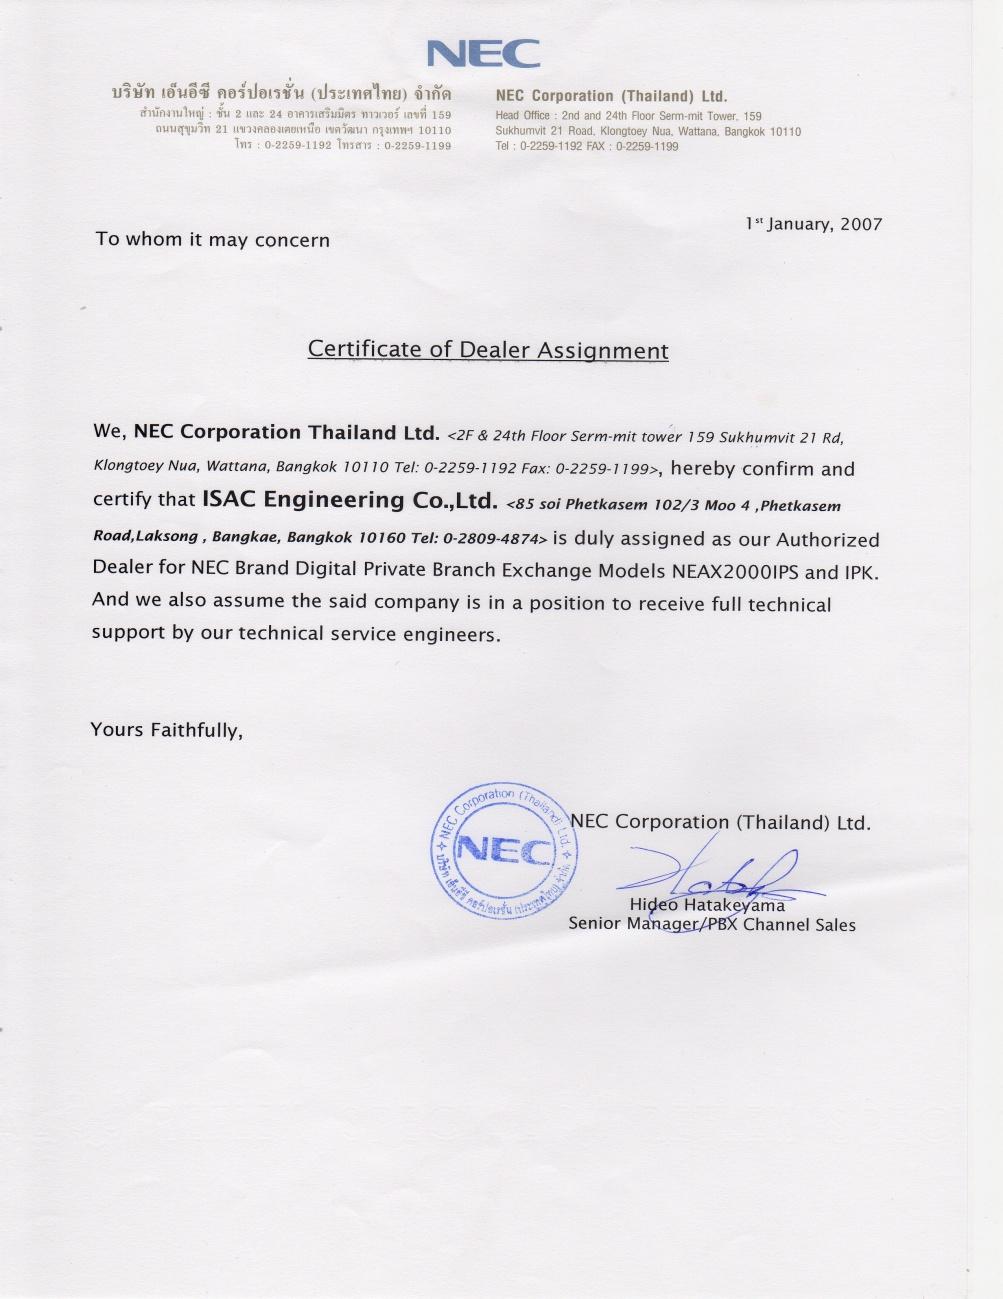 Service_NEC_Certificate_isacengineering_2000ips_ipk